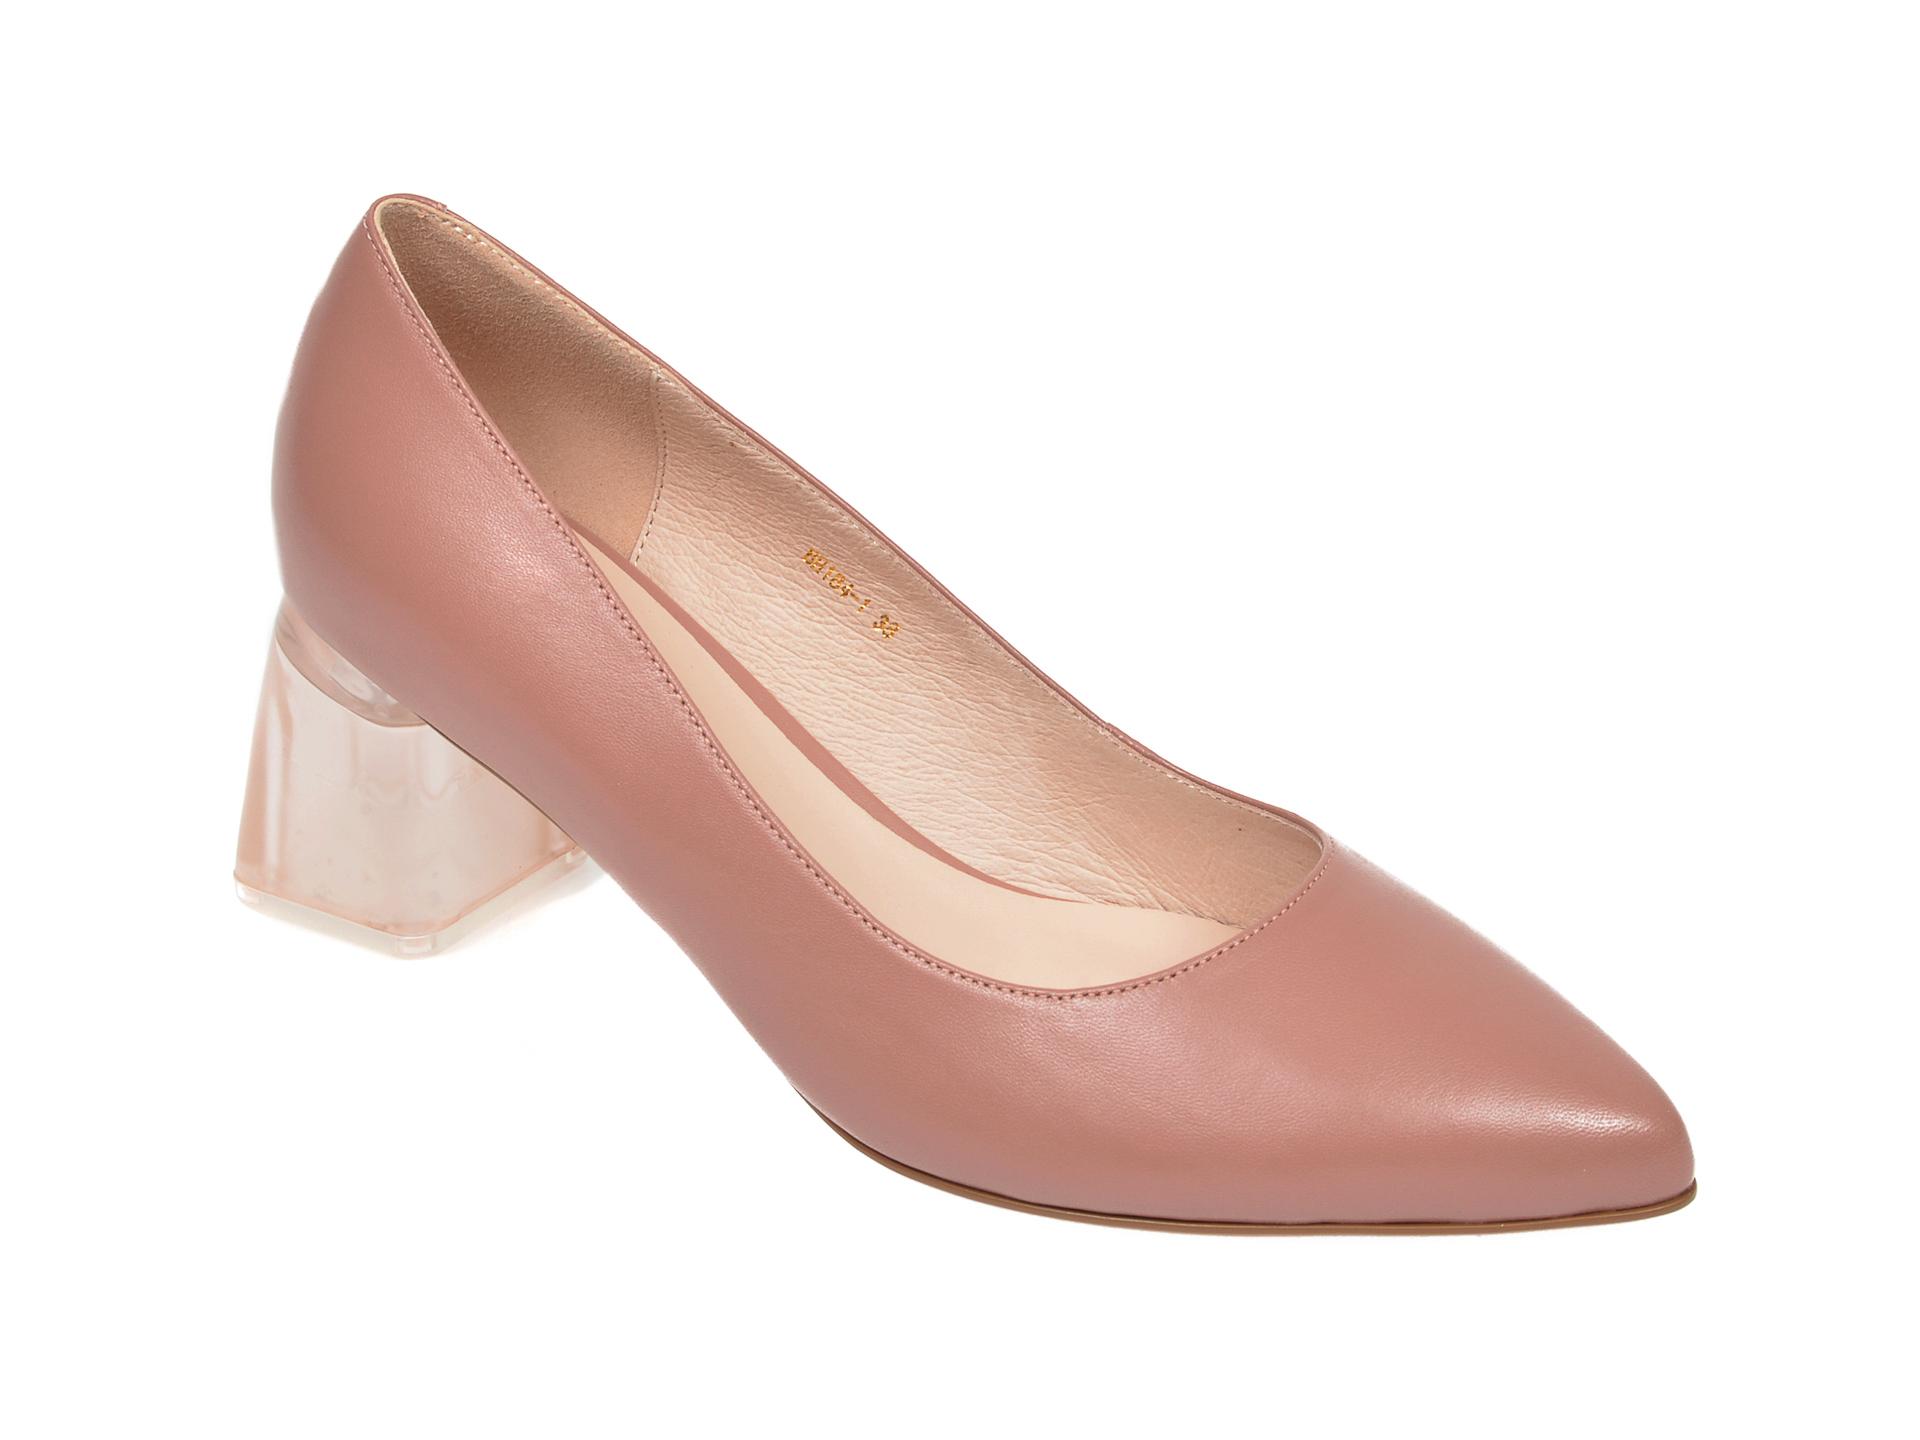 Pantofi EPICA nude, BH184, din piele naturala imagine